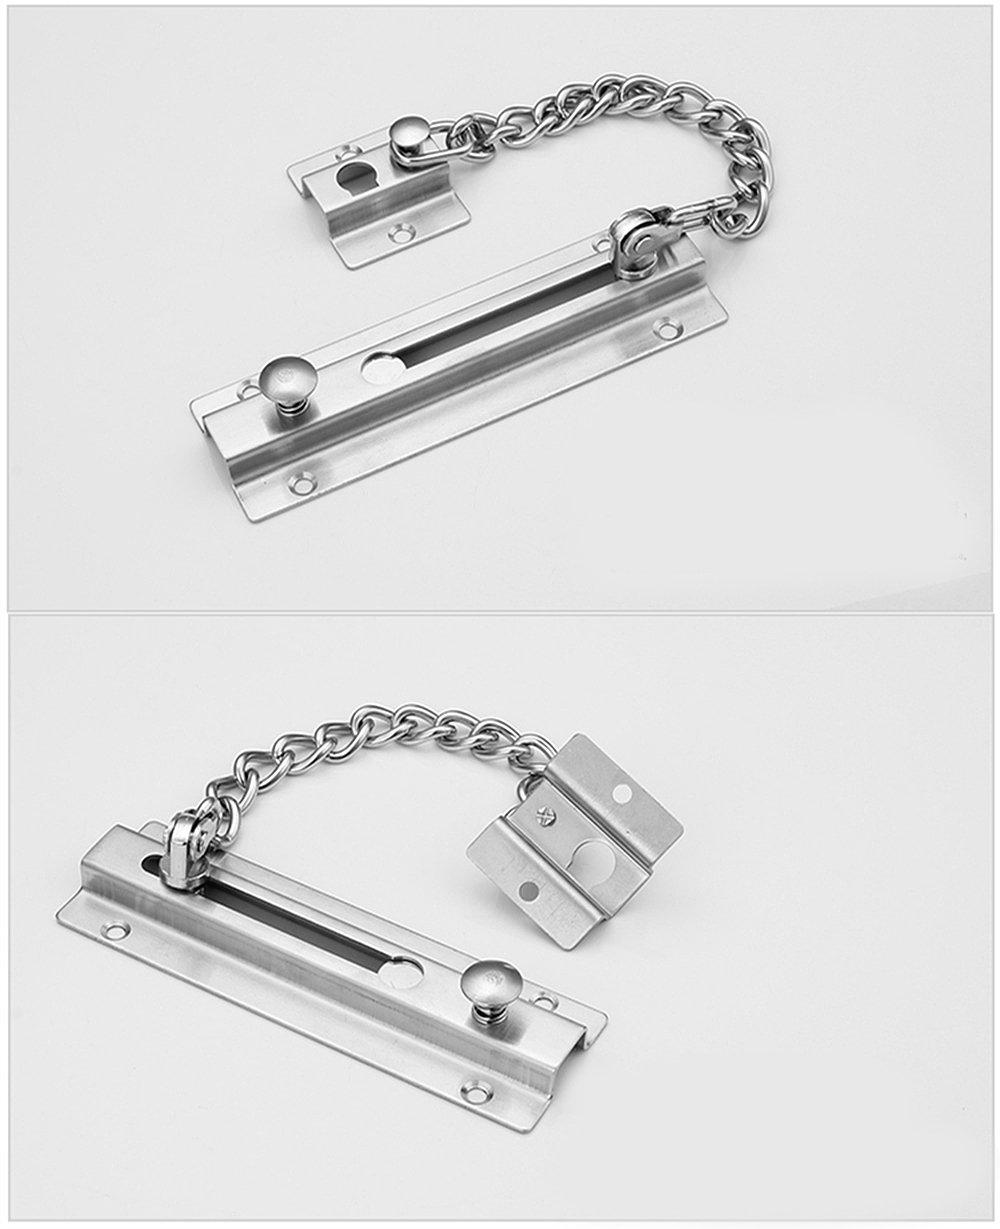 T/ür Ketten dicker erweitern Edelstahl Sicherheit T/ür Lock Security Slide Bolt Edelstahl Kette Diebstahlschutz Kette Sicher Schnalle Eigenschaften geb/ürstetem Finish